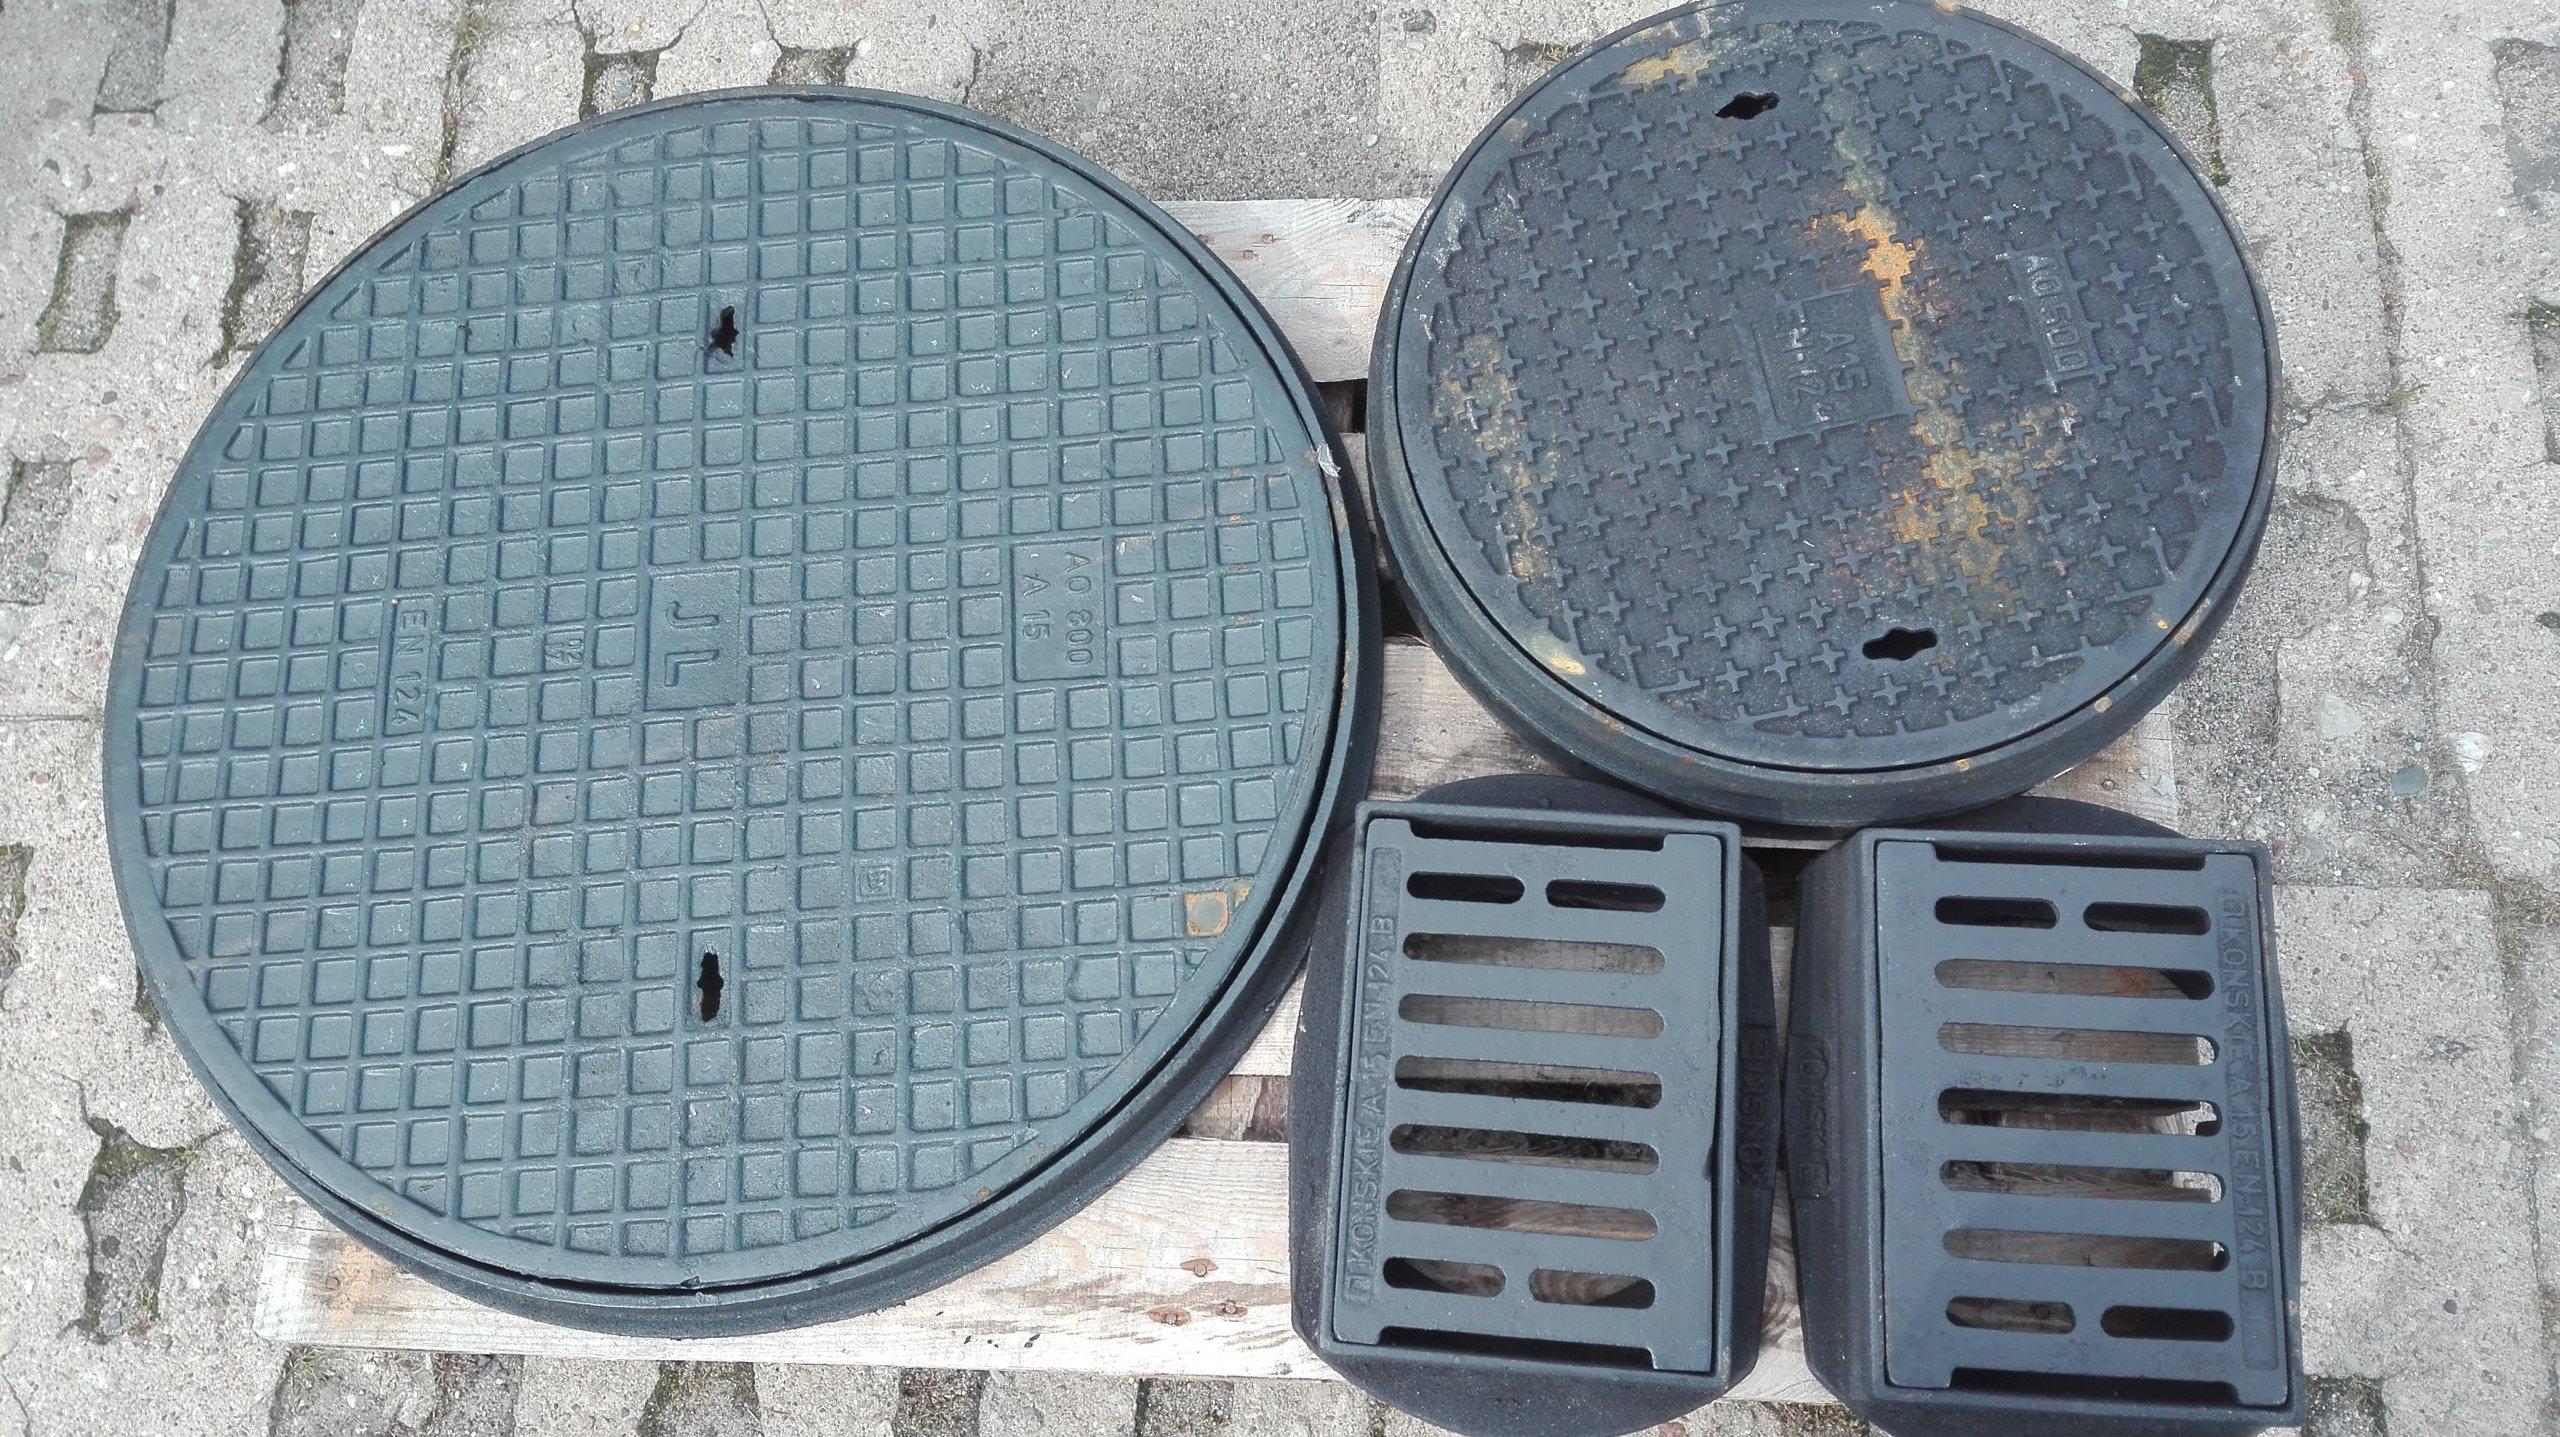 Właz Żeliwny OP 800 A15 H50 OKRĄGŁY pokrywa studni